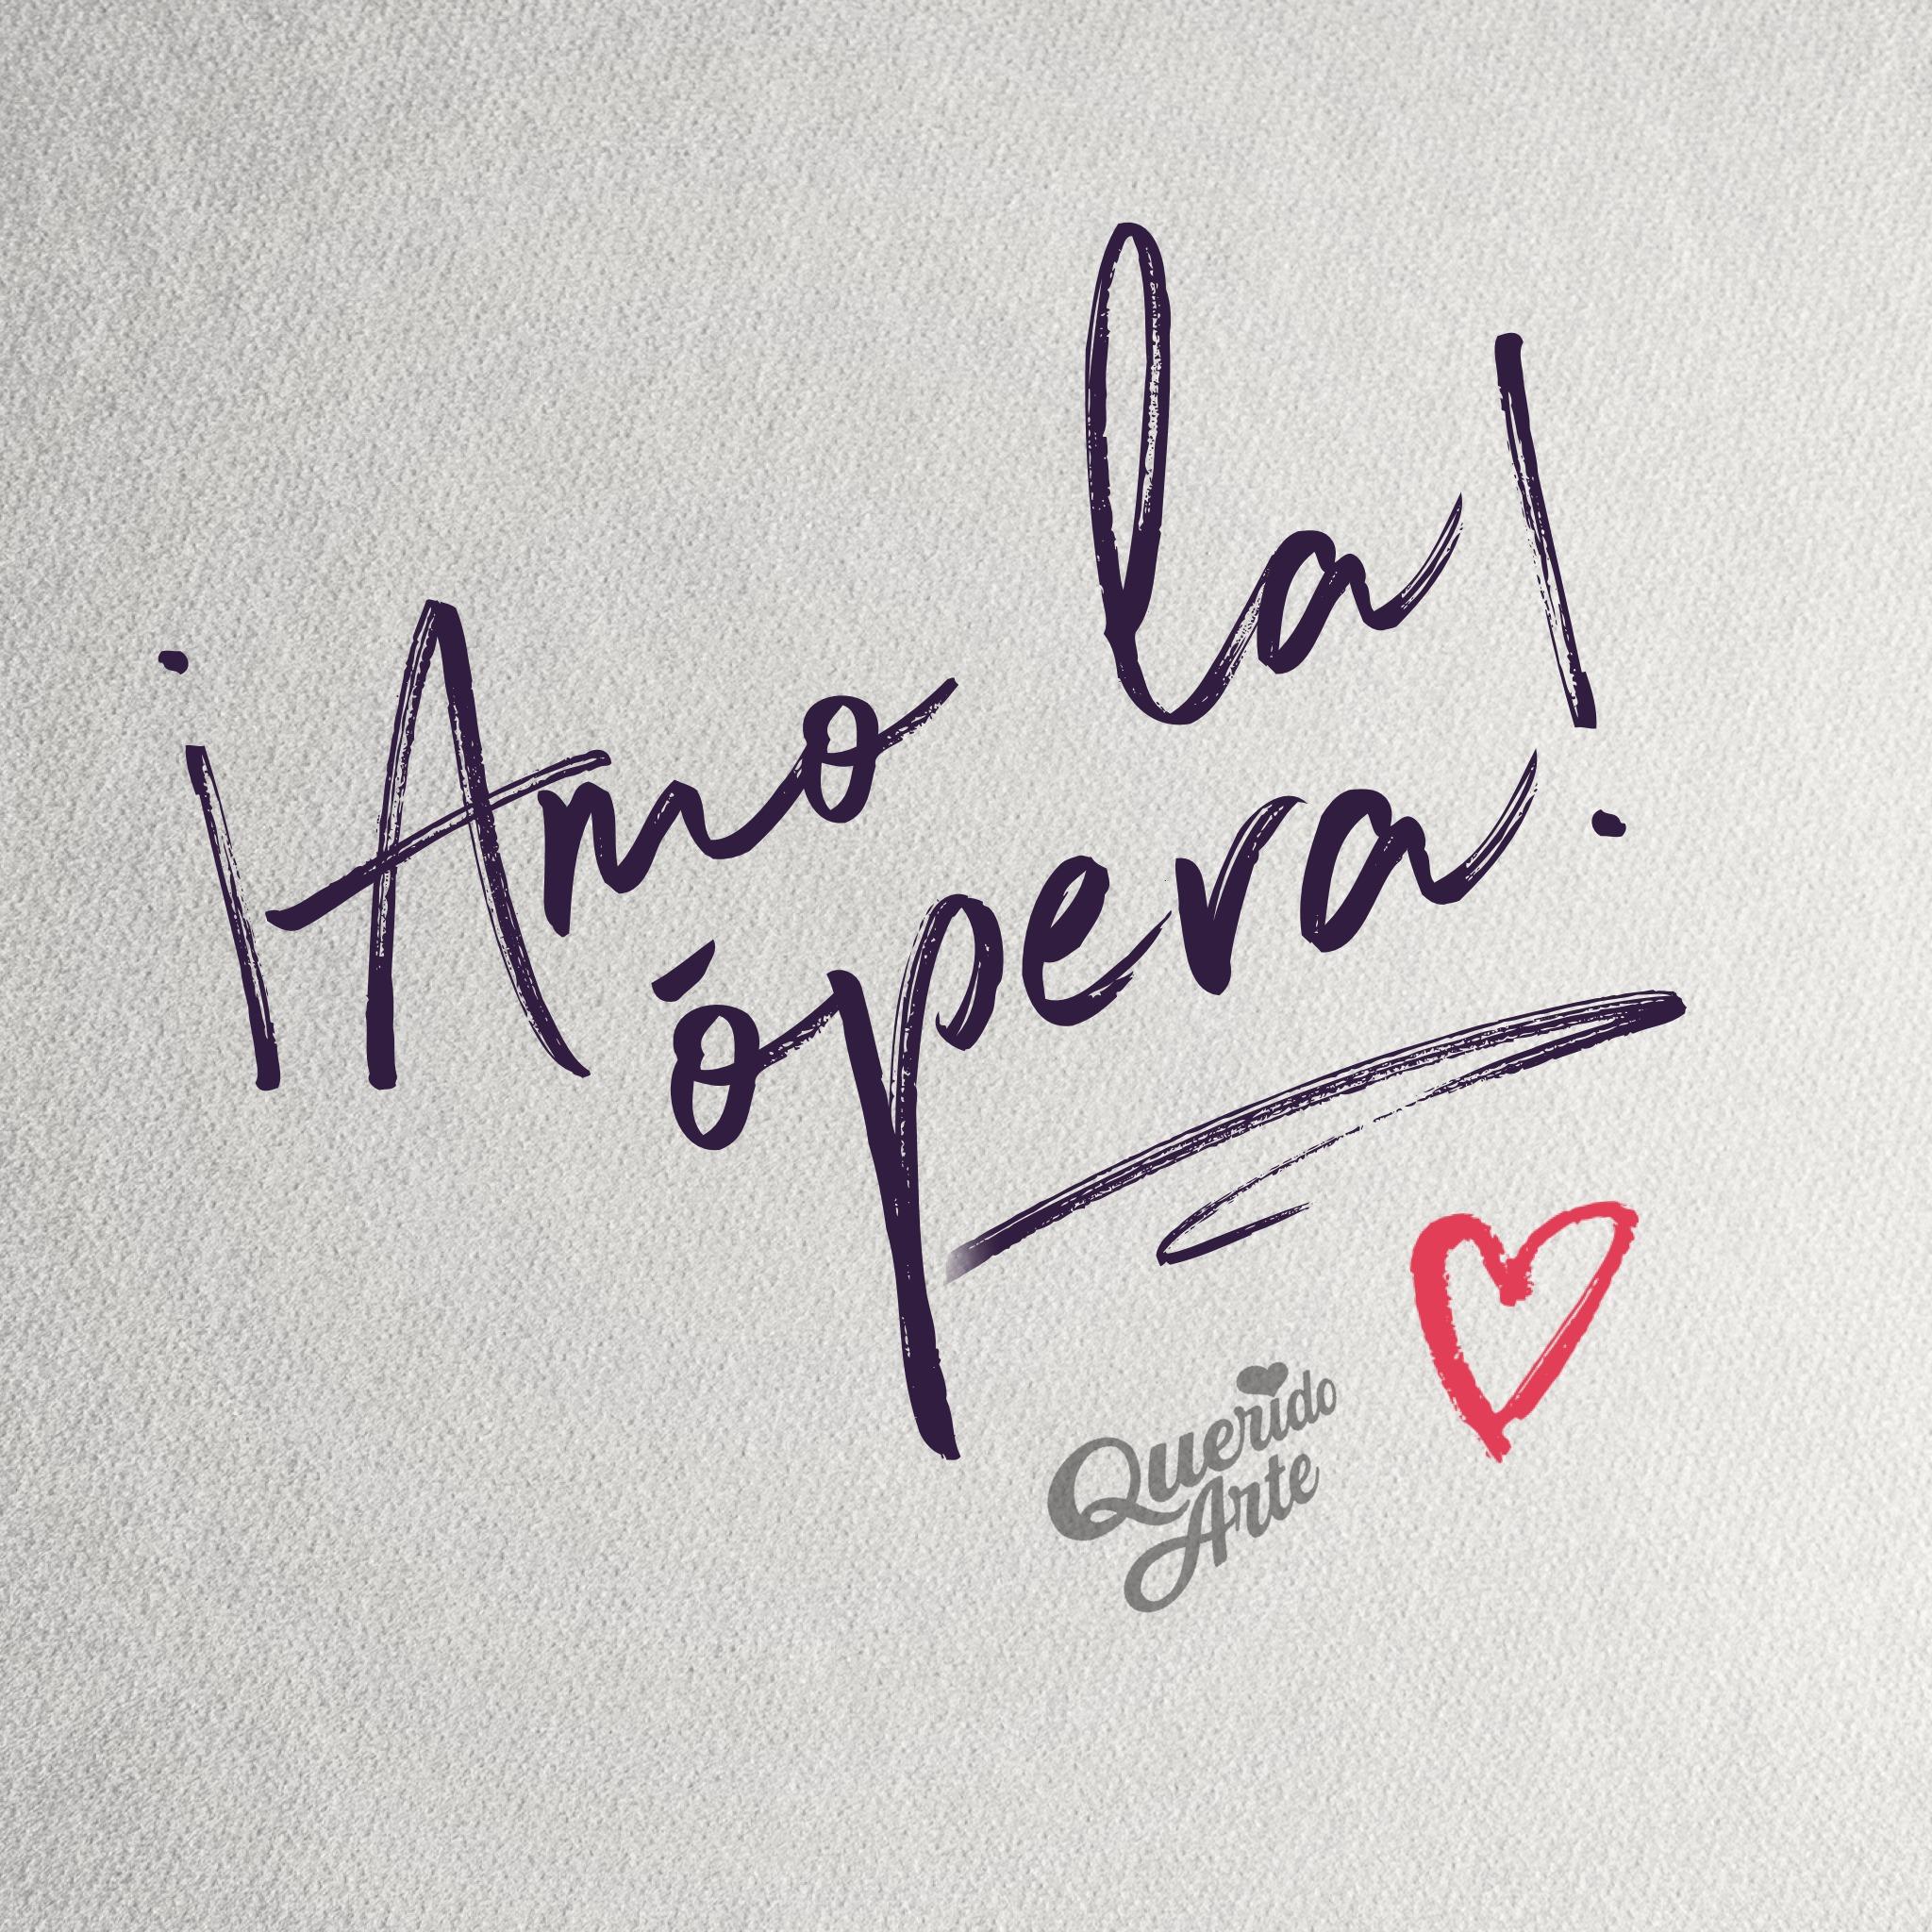 Amor a primer oído 👂 ••• I ♥️ OPERA ¿y tú?  Comparte tu amor por la ópera con los demás 🙋🏻♀️🙋🏻♂️  #QueridoArte   #OperaLovers   #OperaAdictos